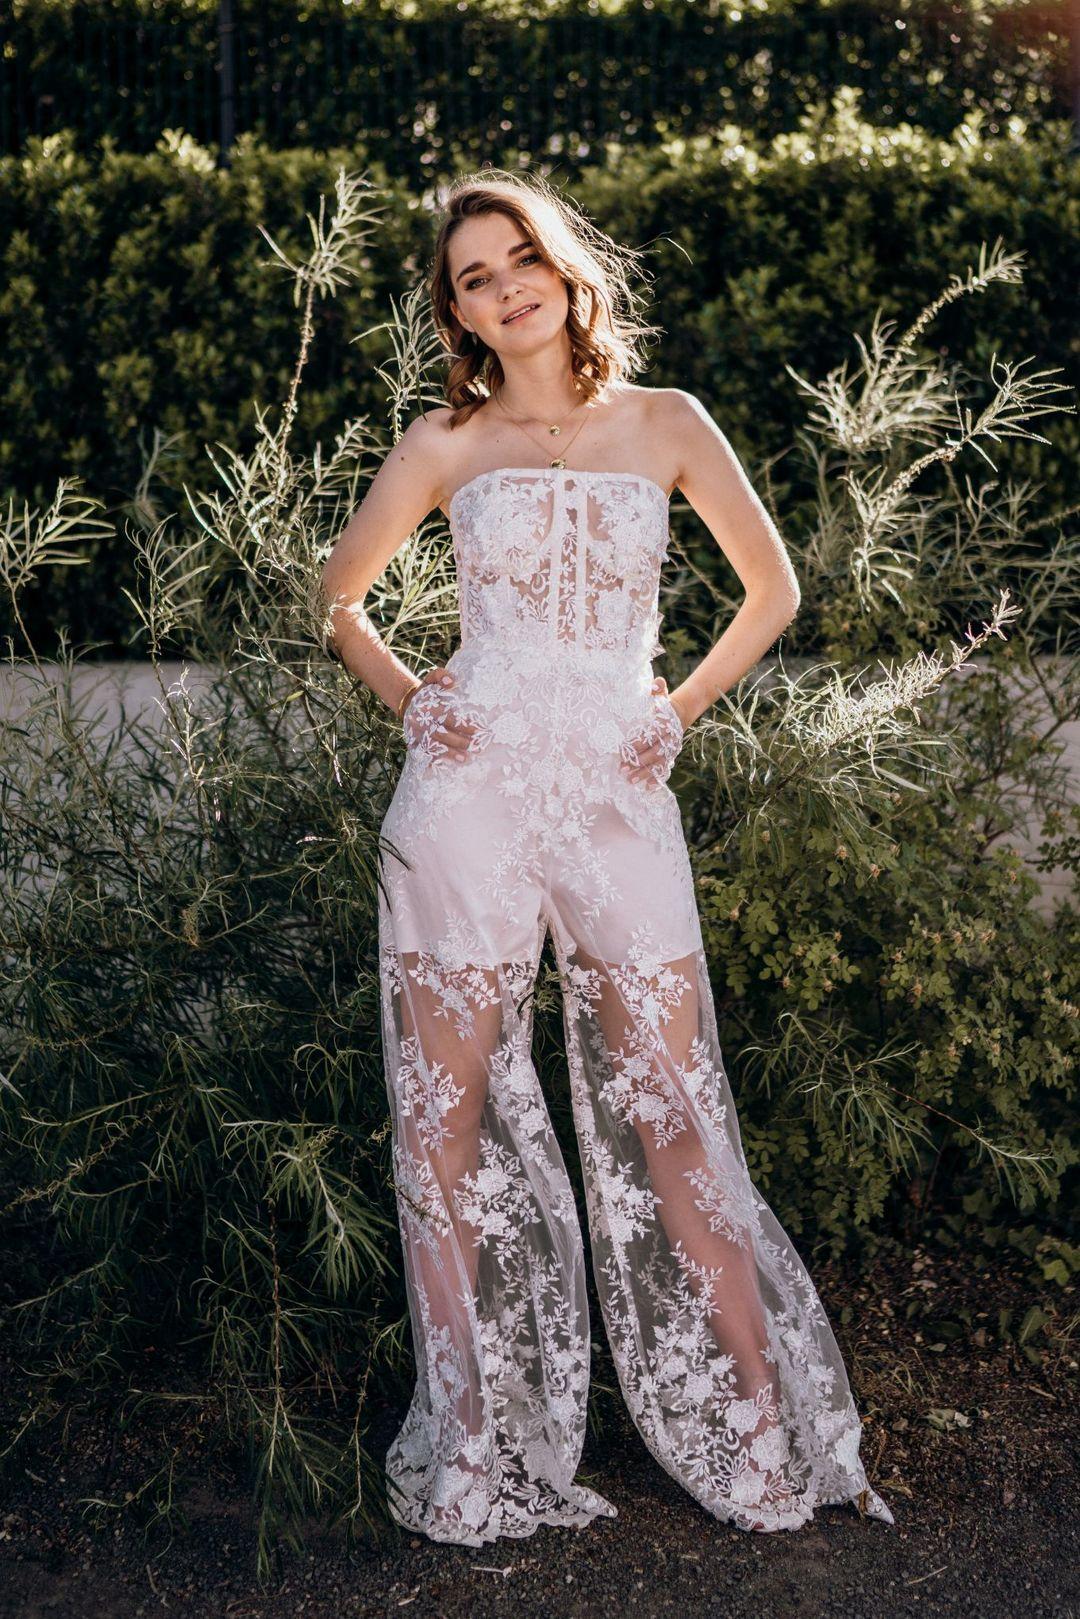 lilian jumpsuit dress photo